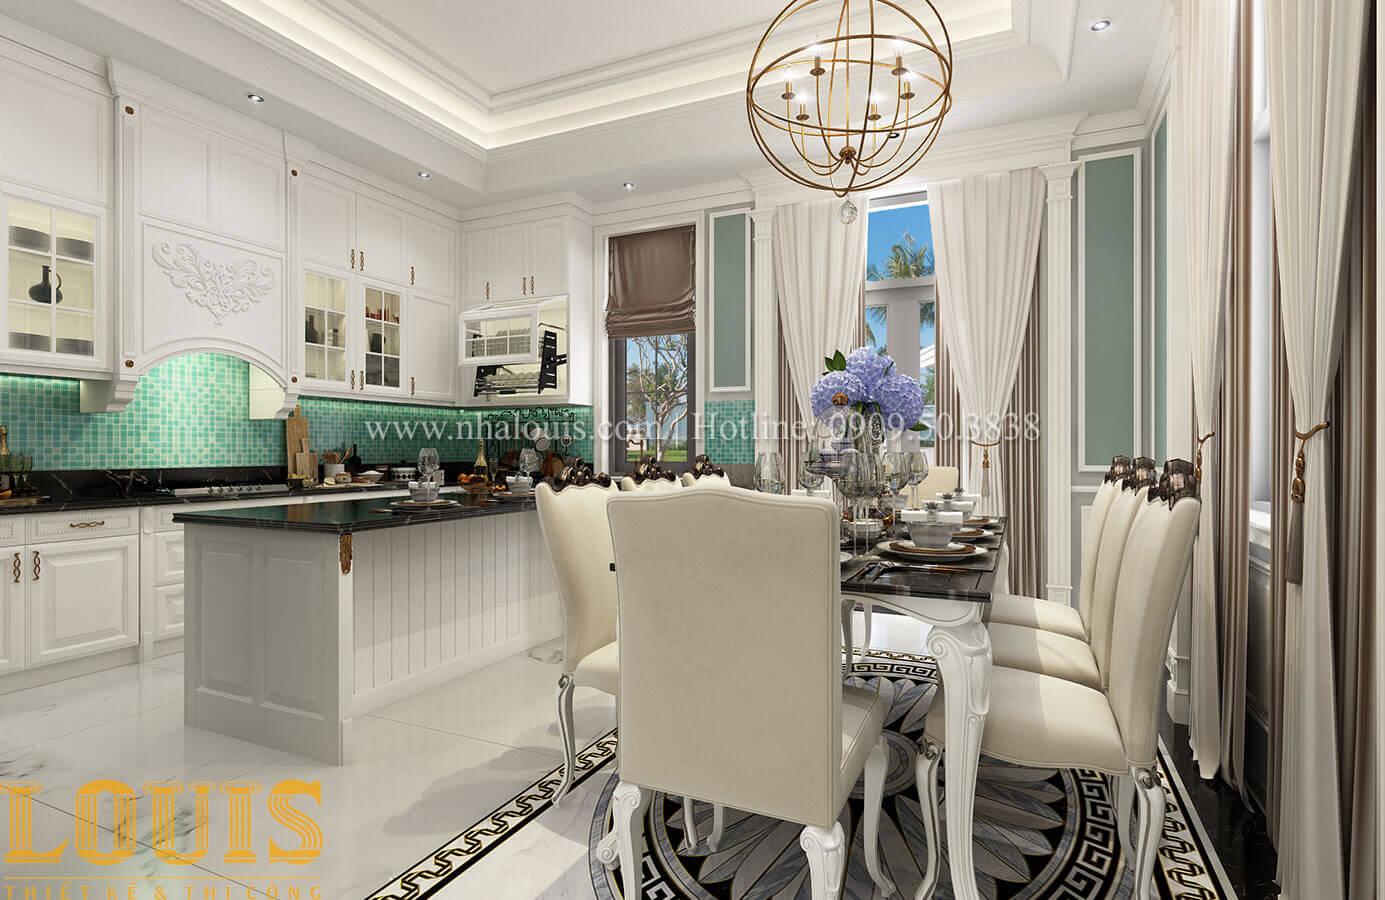 Bếp và phòng ăn Bếp và phòng ăn Thiết kế biệt thự 3 tầng đẹp có sân vườn ở miền quê Đồng Nai - 19